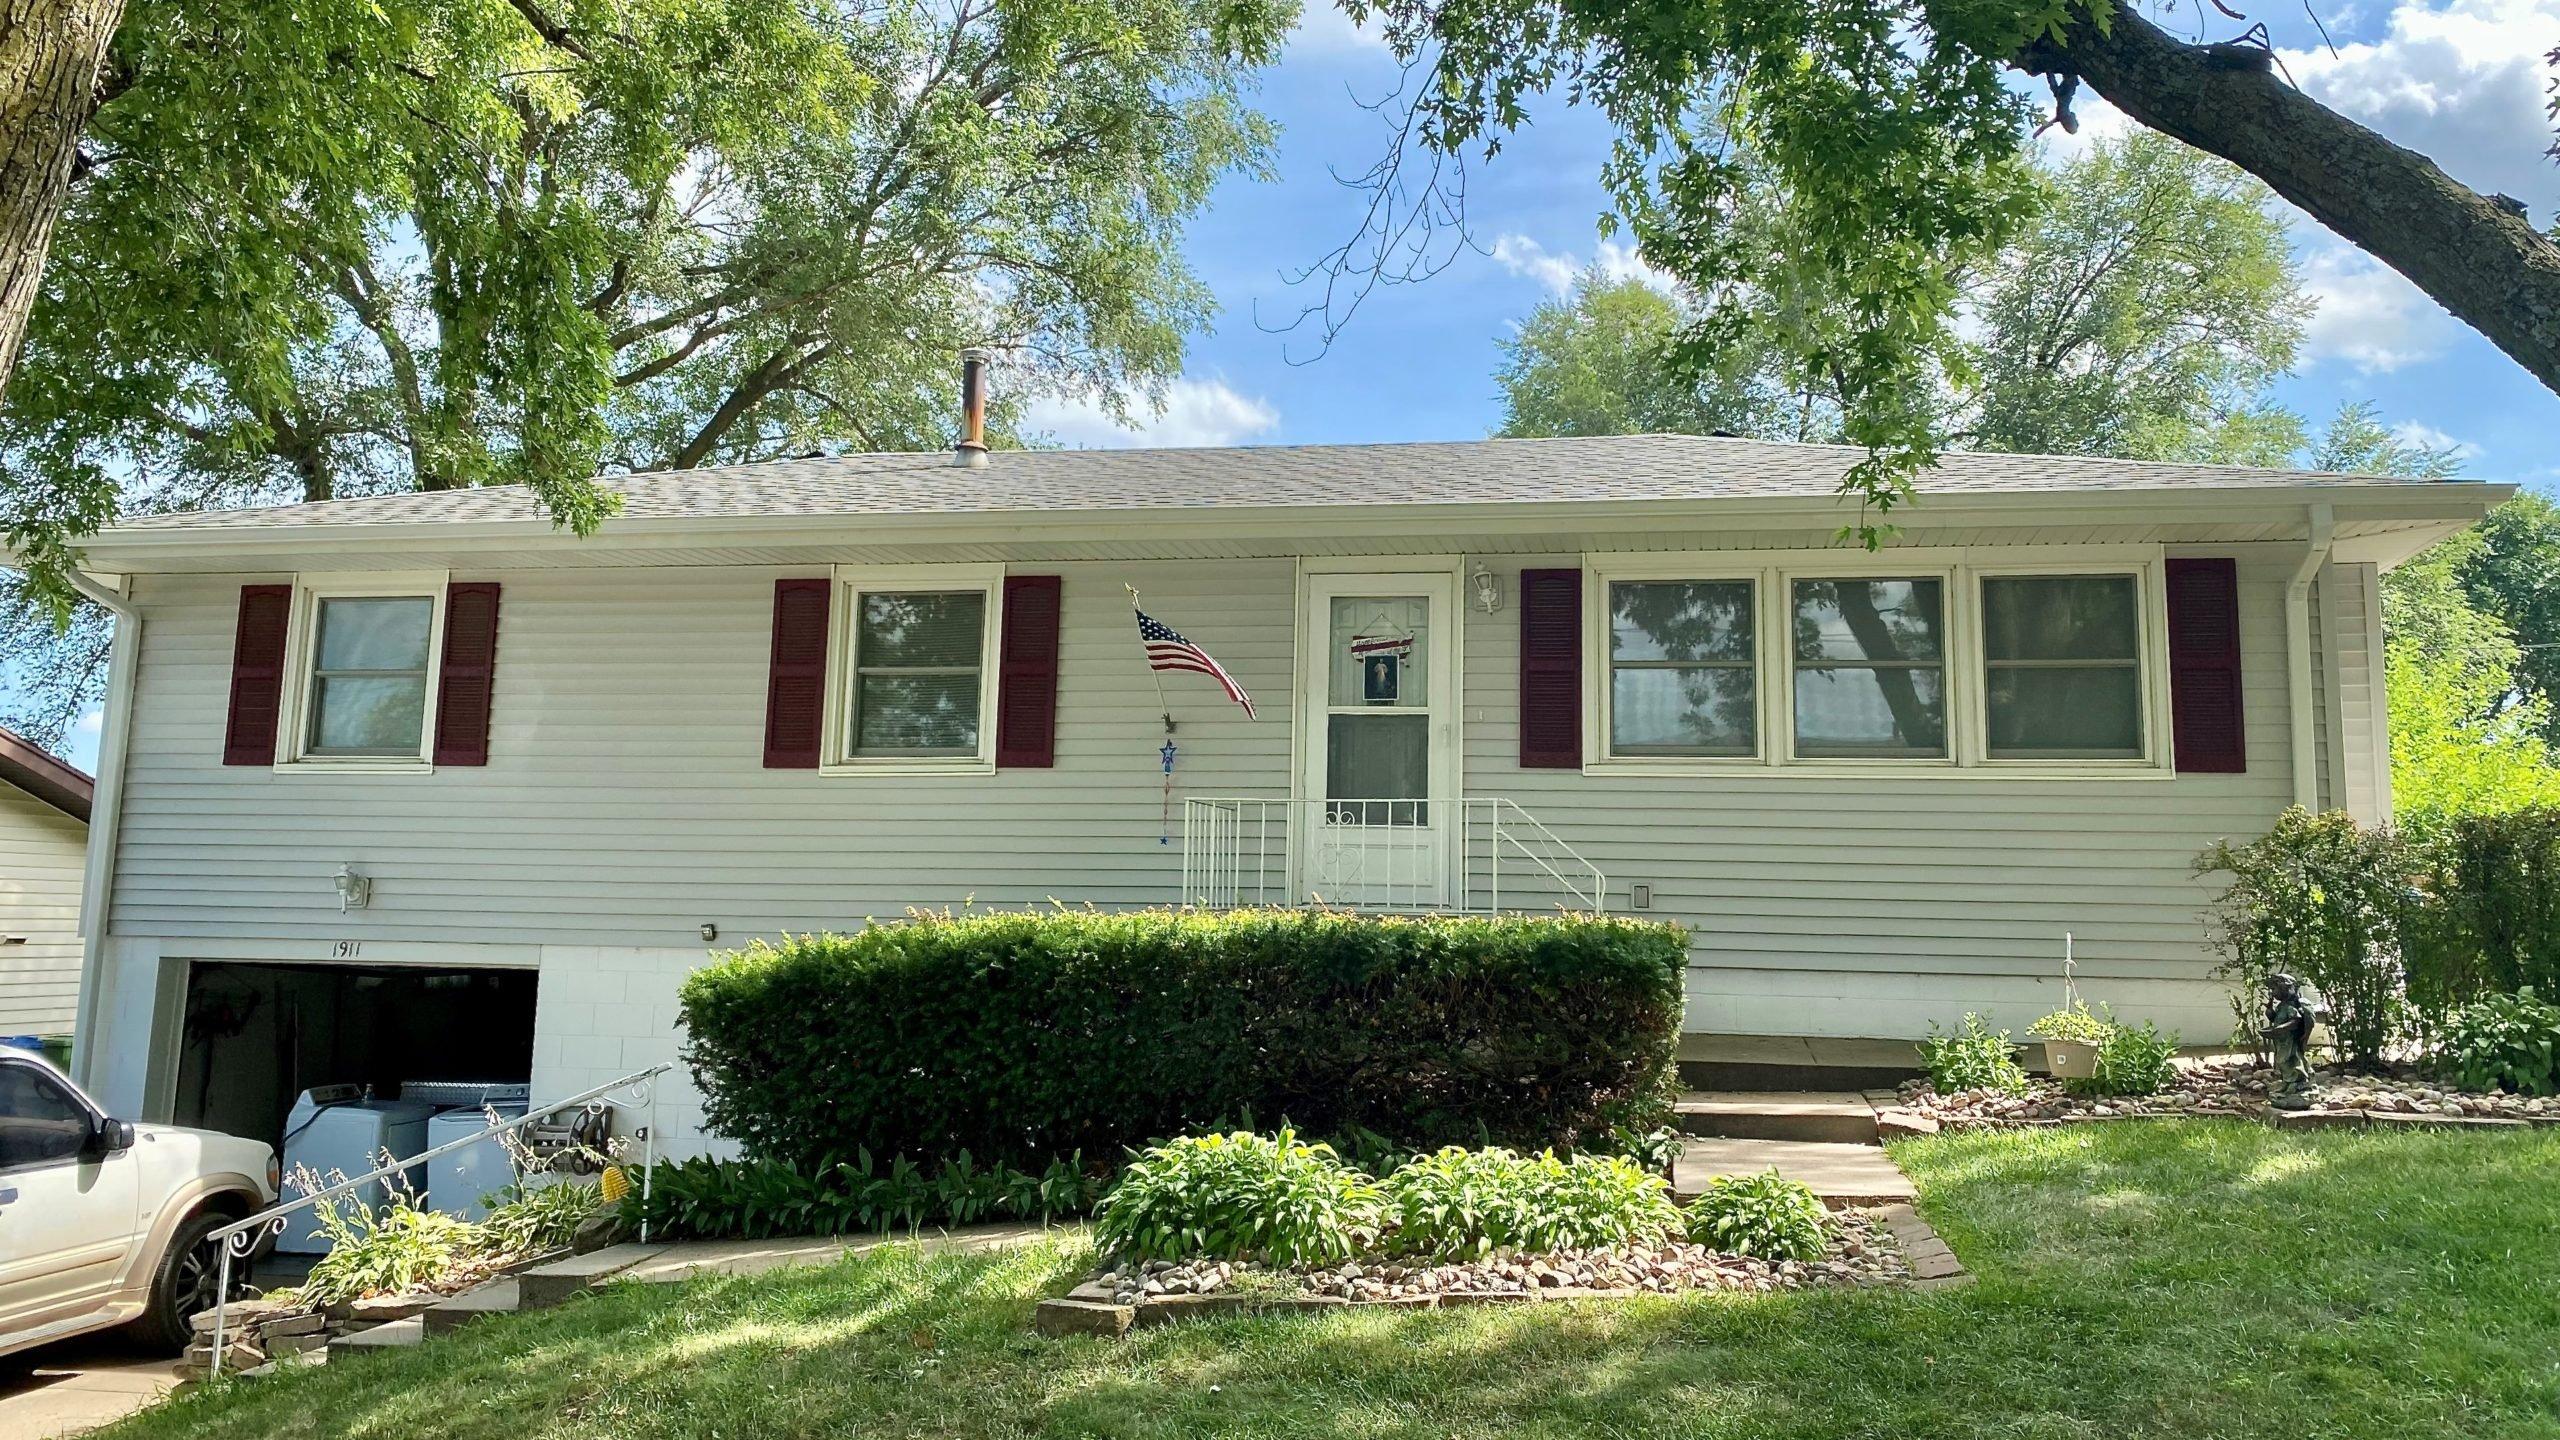 residence in nebraska with property updates